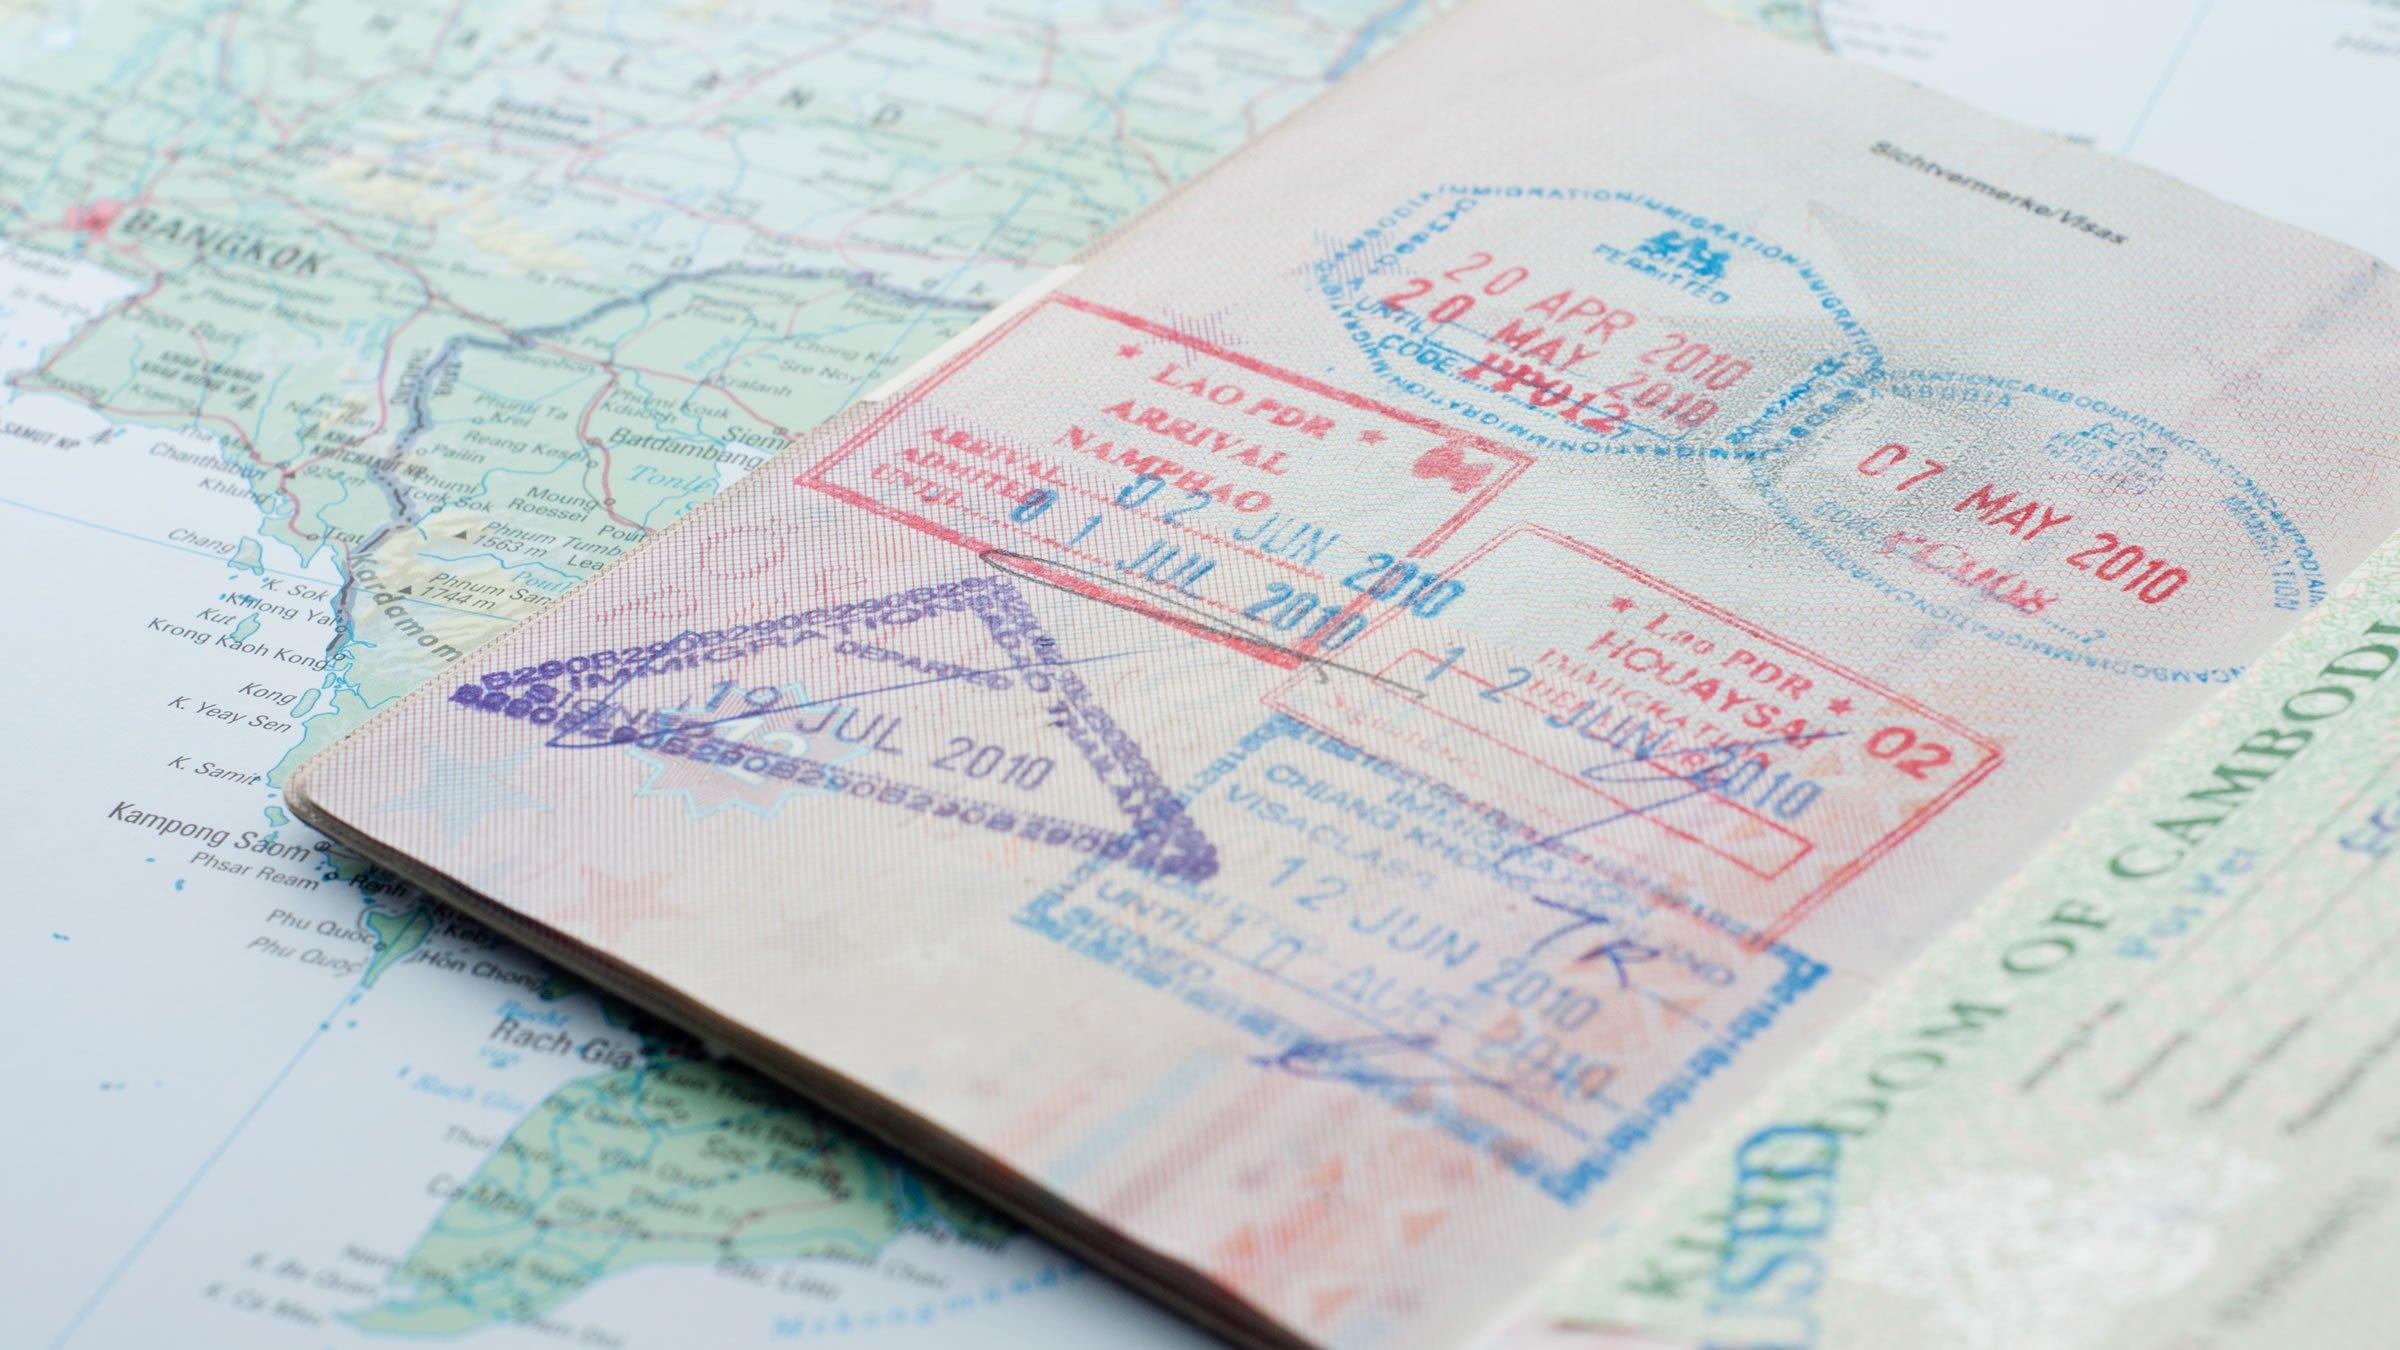 Visa De Negocios Para Viajar A Cuba Por Trabajo: El Visado: Requisito Para Entrar A Cuba